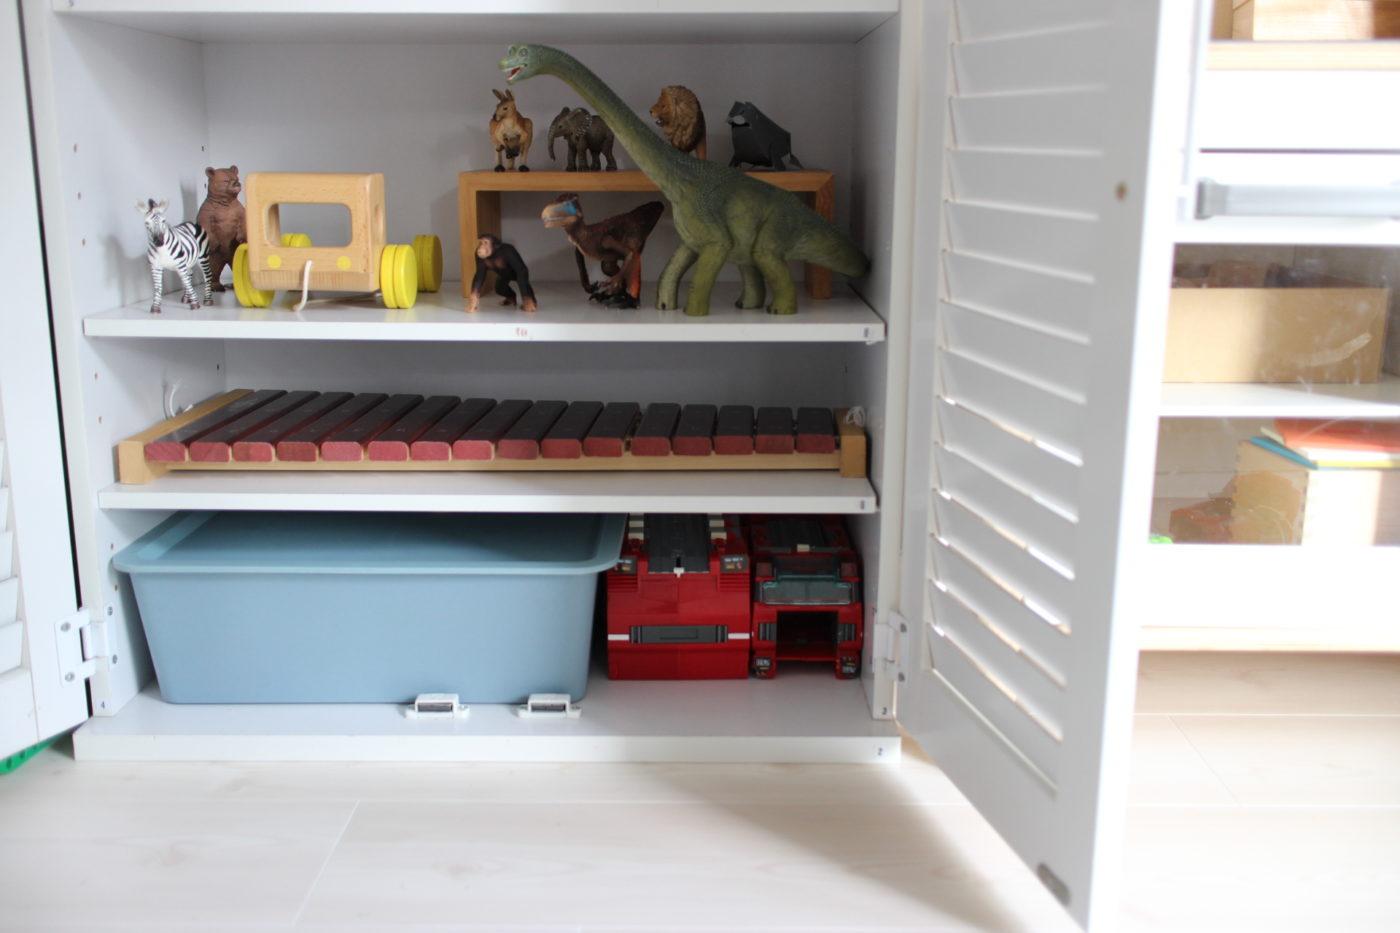 子供に怒られないおもちゃの処分手順。ガチャガチャやハッピーセットの位置づけ。